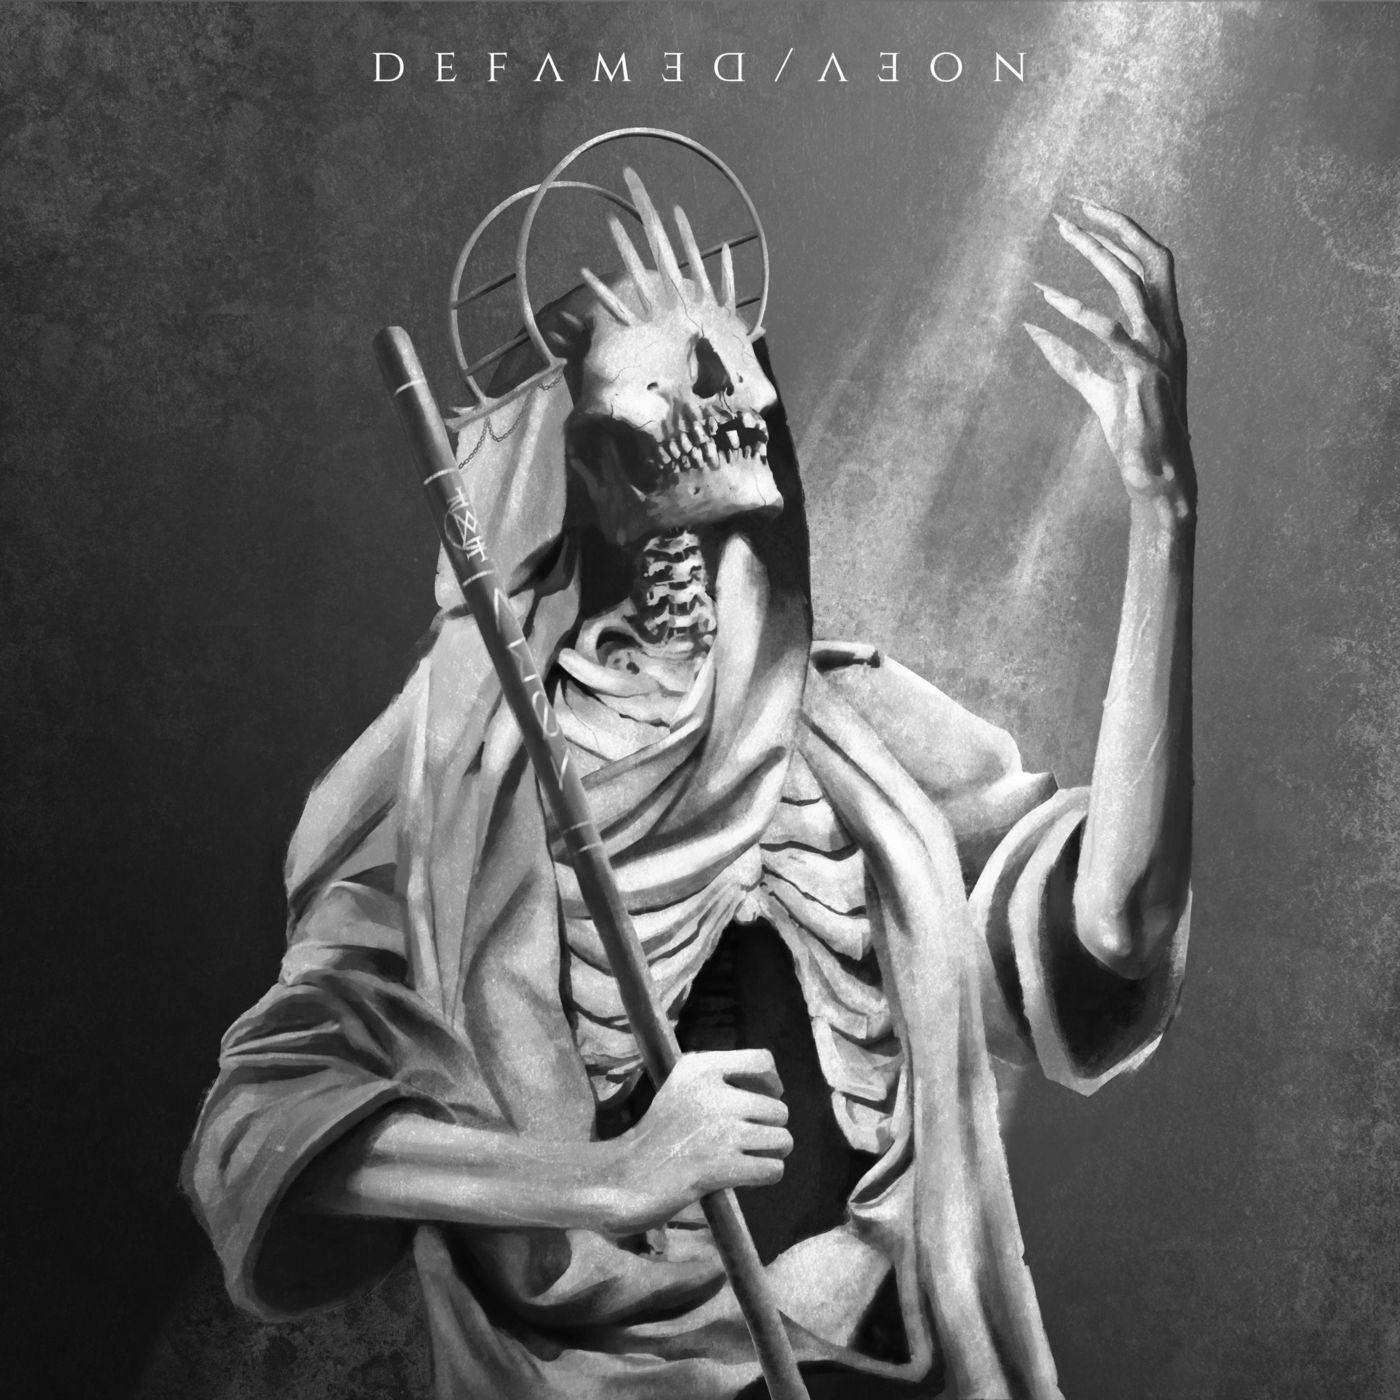 Defamed - Aeon (Instrumental) [EP] (2021)